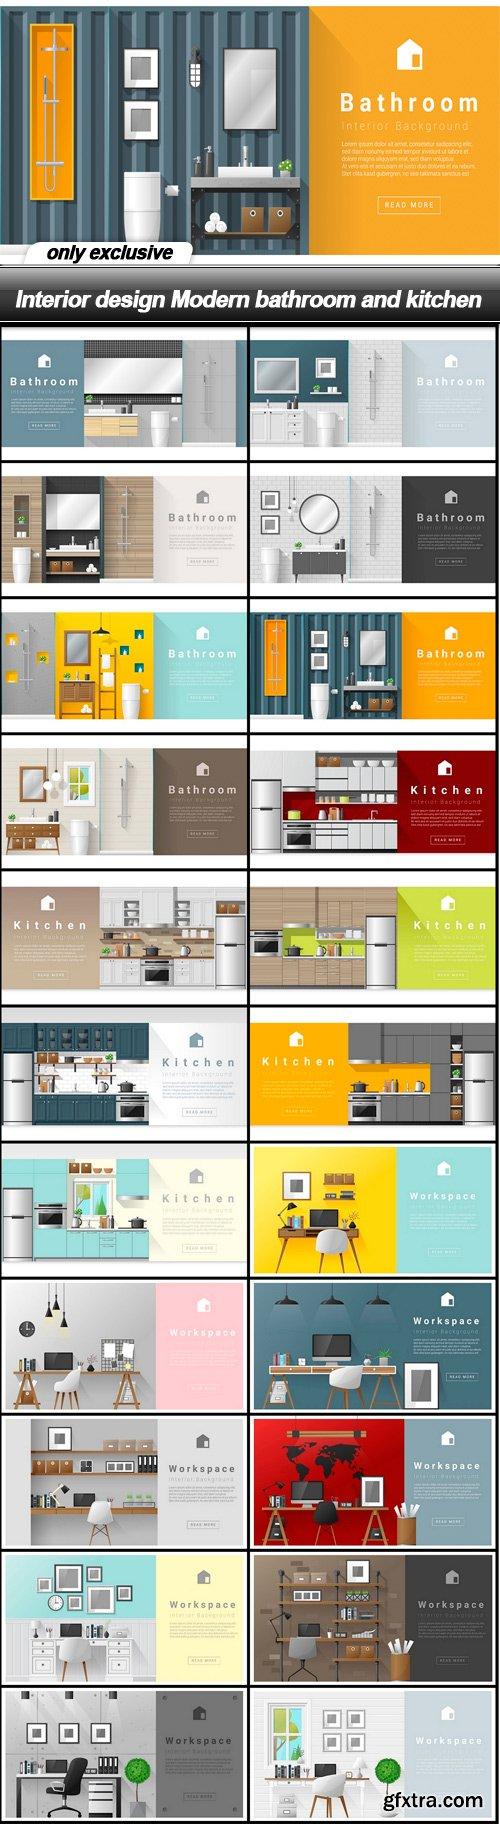 Interior design Modern bathroom and kitchen - 22 EPS